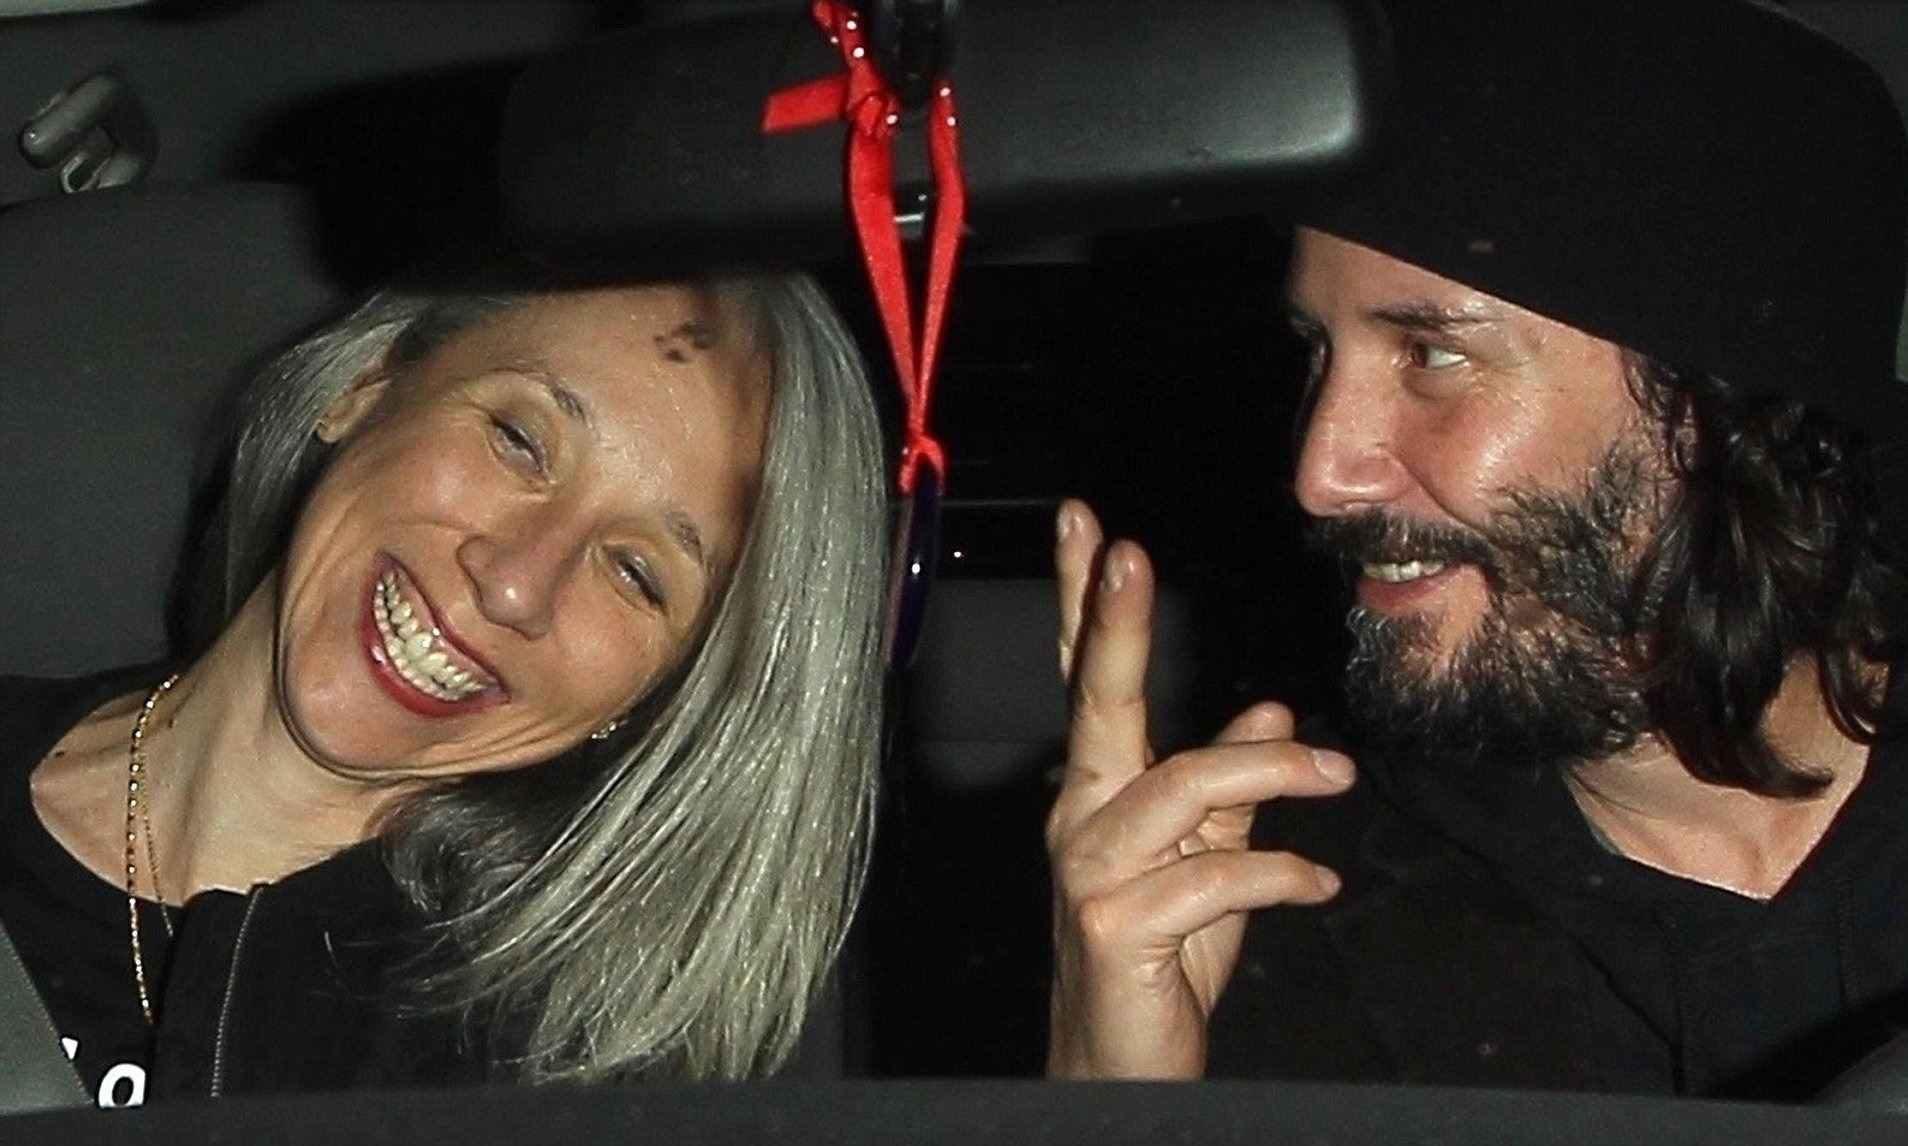 عکس کیانو ریوز و دوست دخترش در ماشین